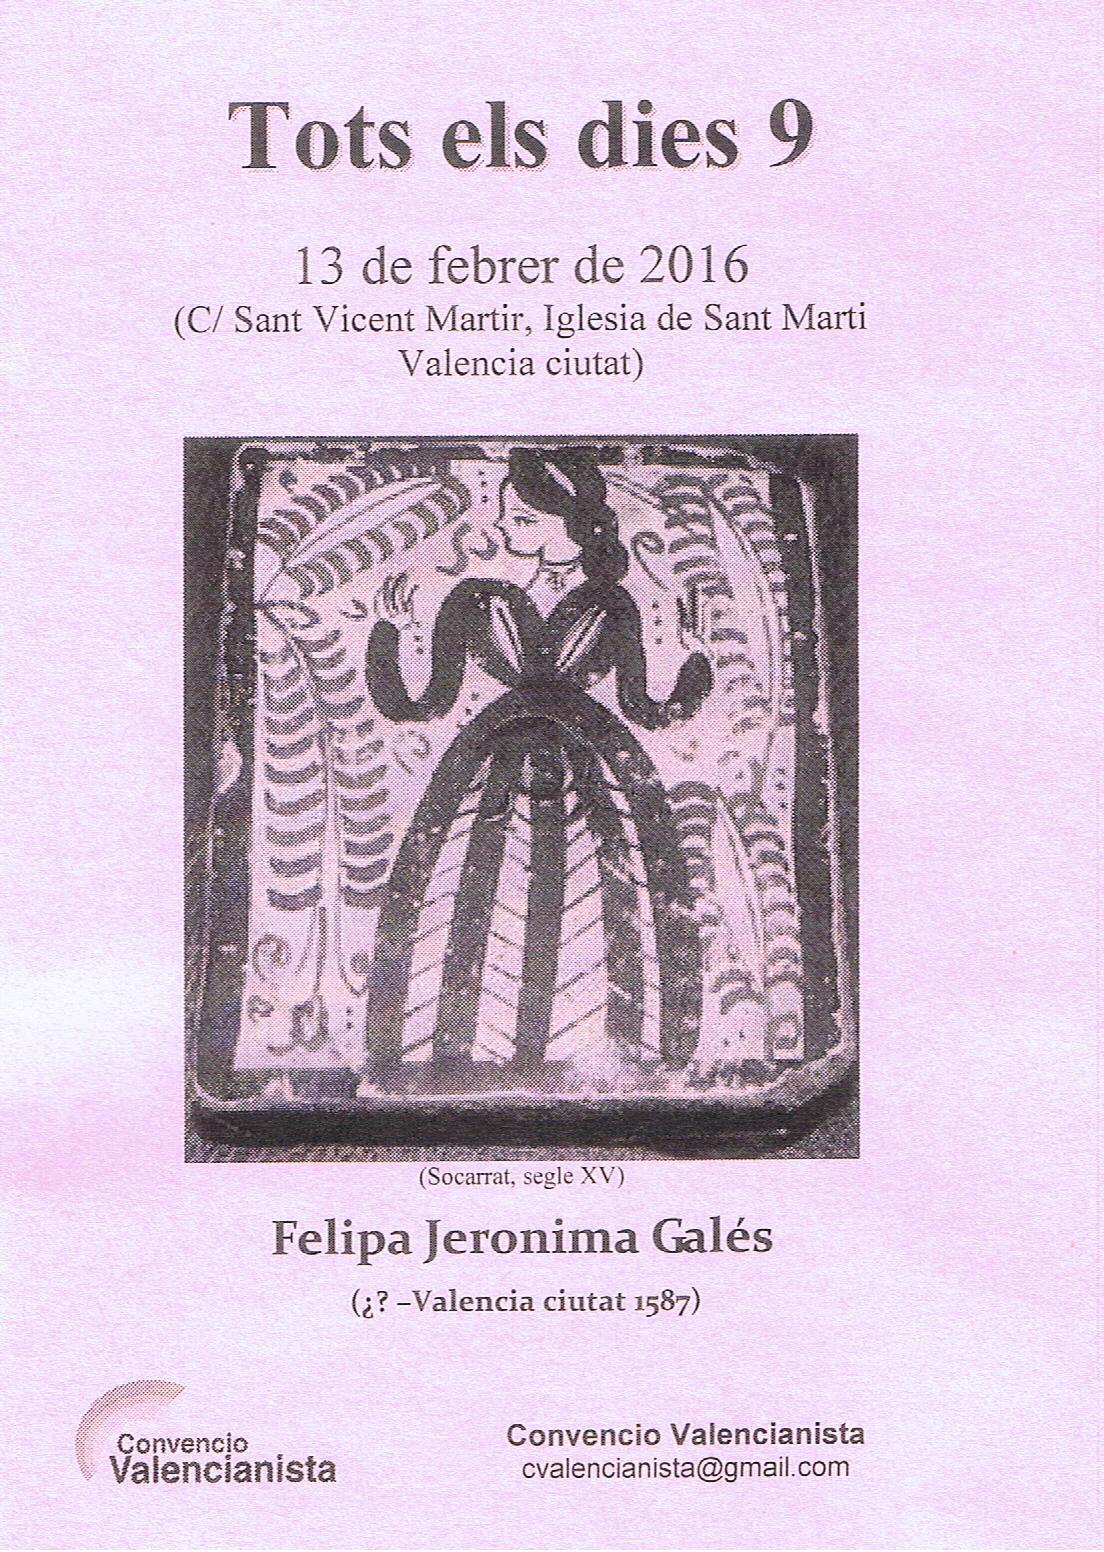 13.02.16 HOMENAGE ALS VALENCIANS UNIVERSALS: FELIPA JERONIMA GALÉS